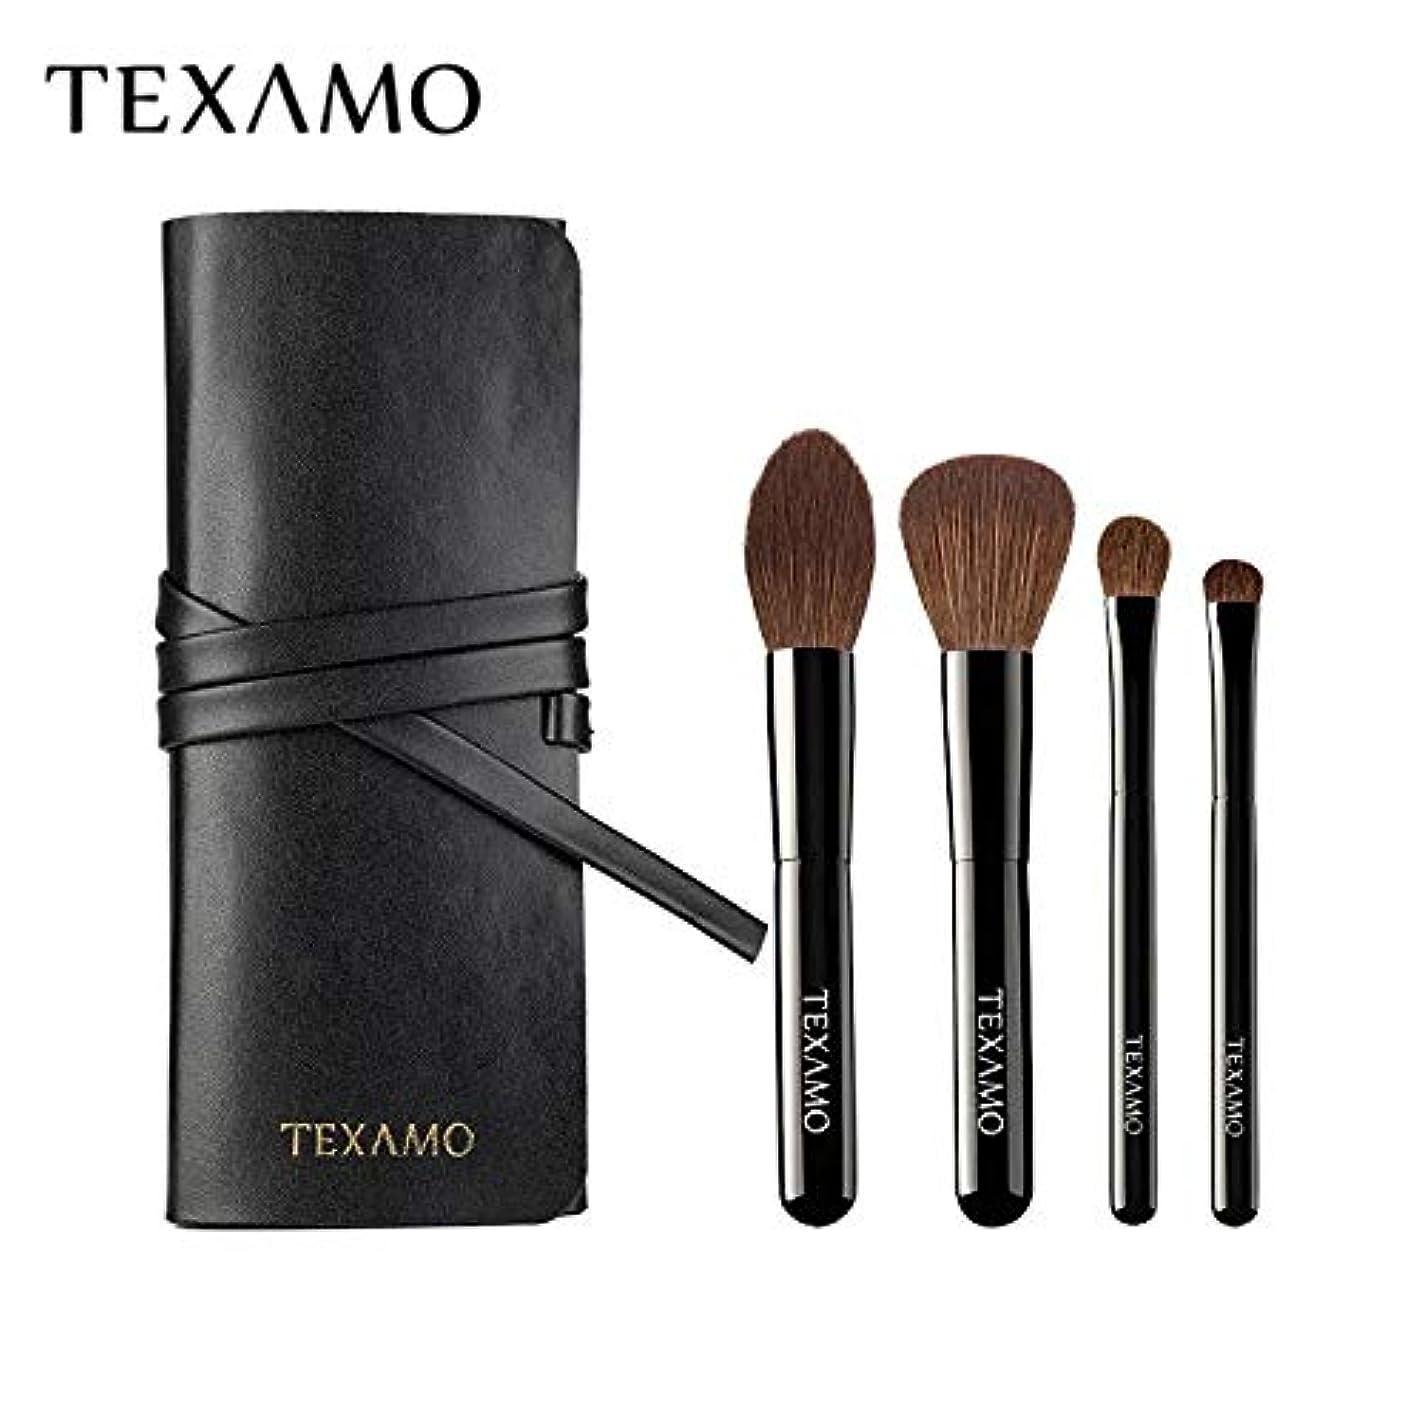 重要作物熟達したTexamo 携帯ブラシセットト 化粧ブラシ Brush Set